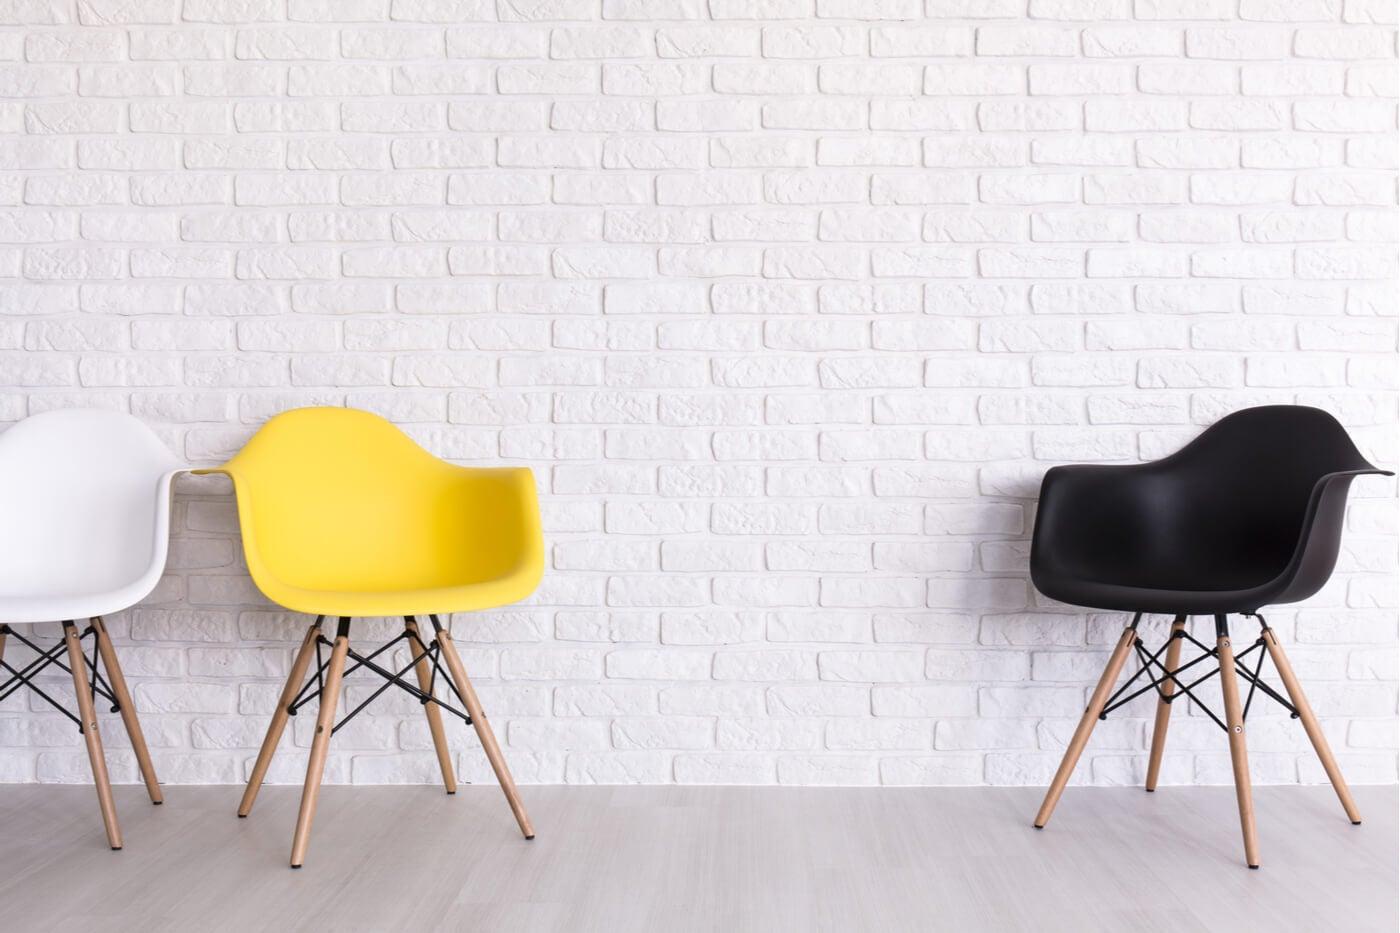 La silla Scand, un producto sencillo para el hogar